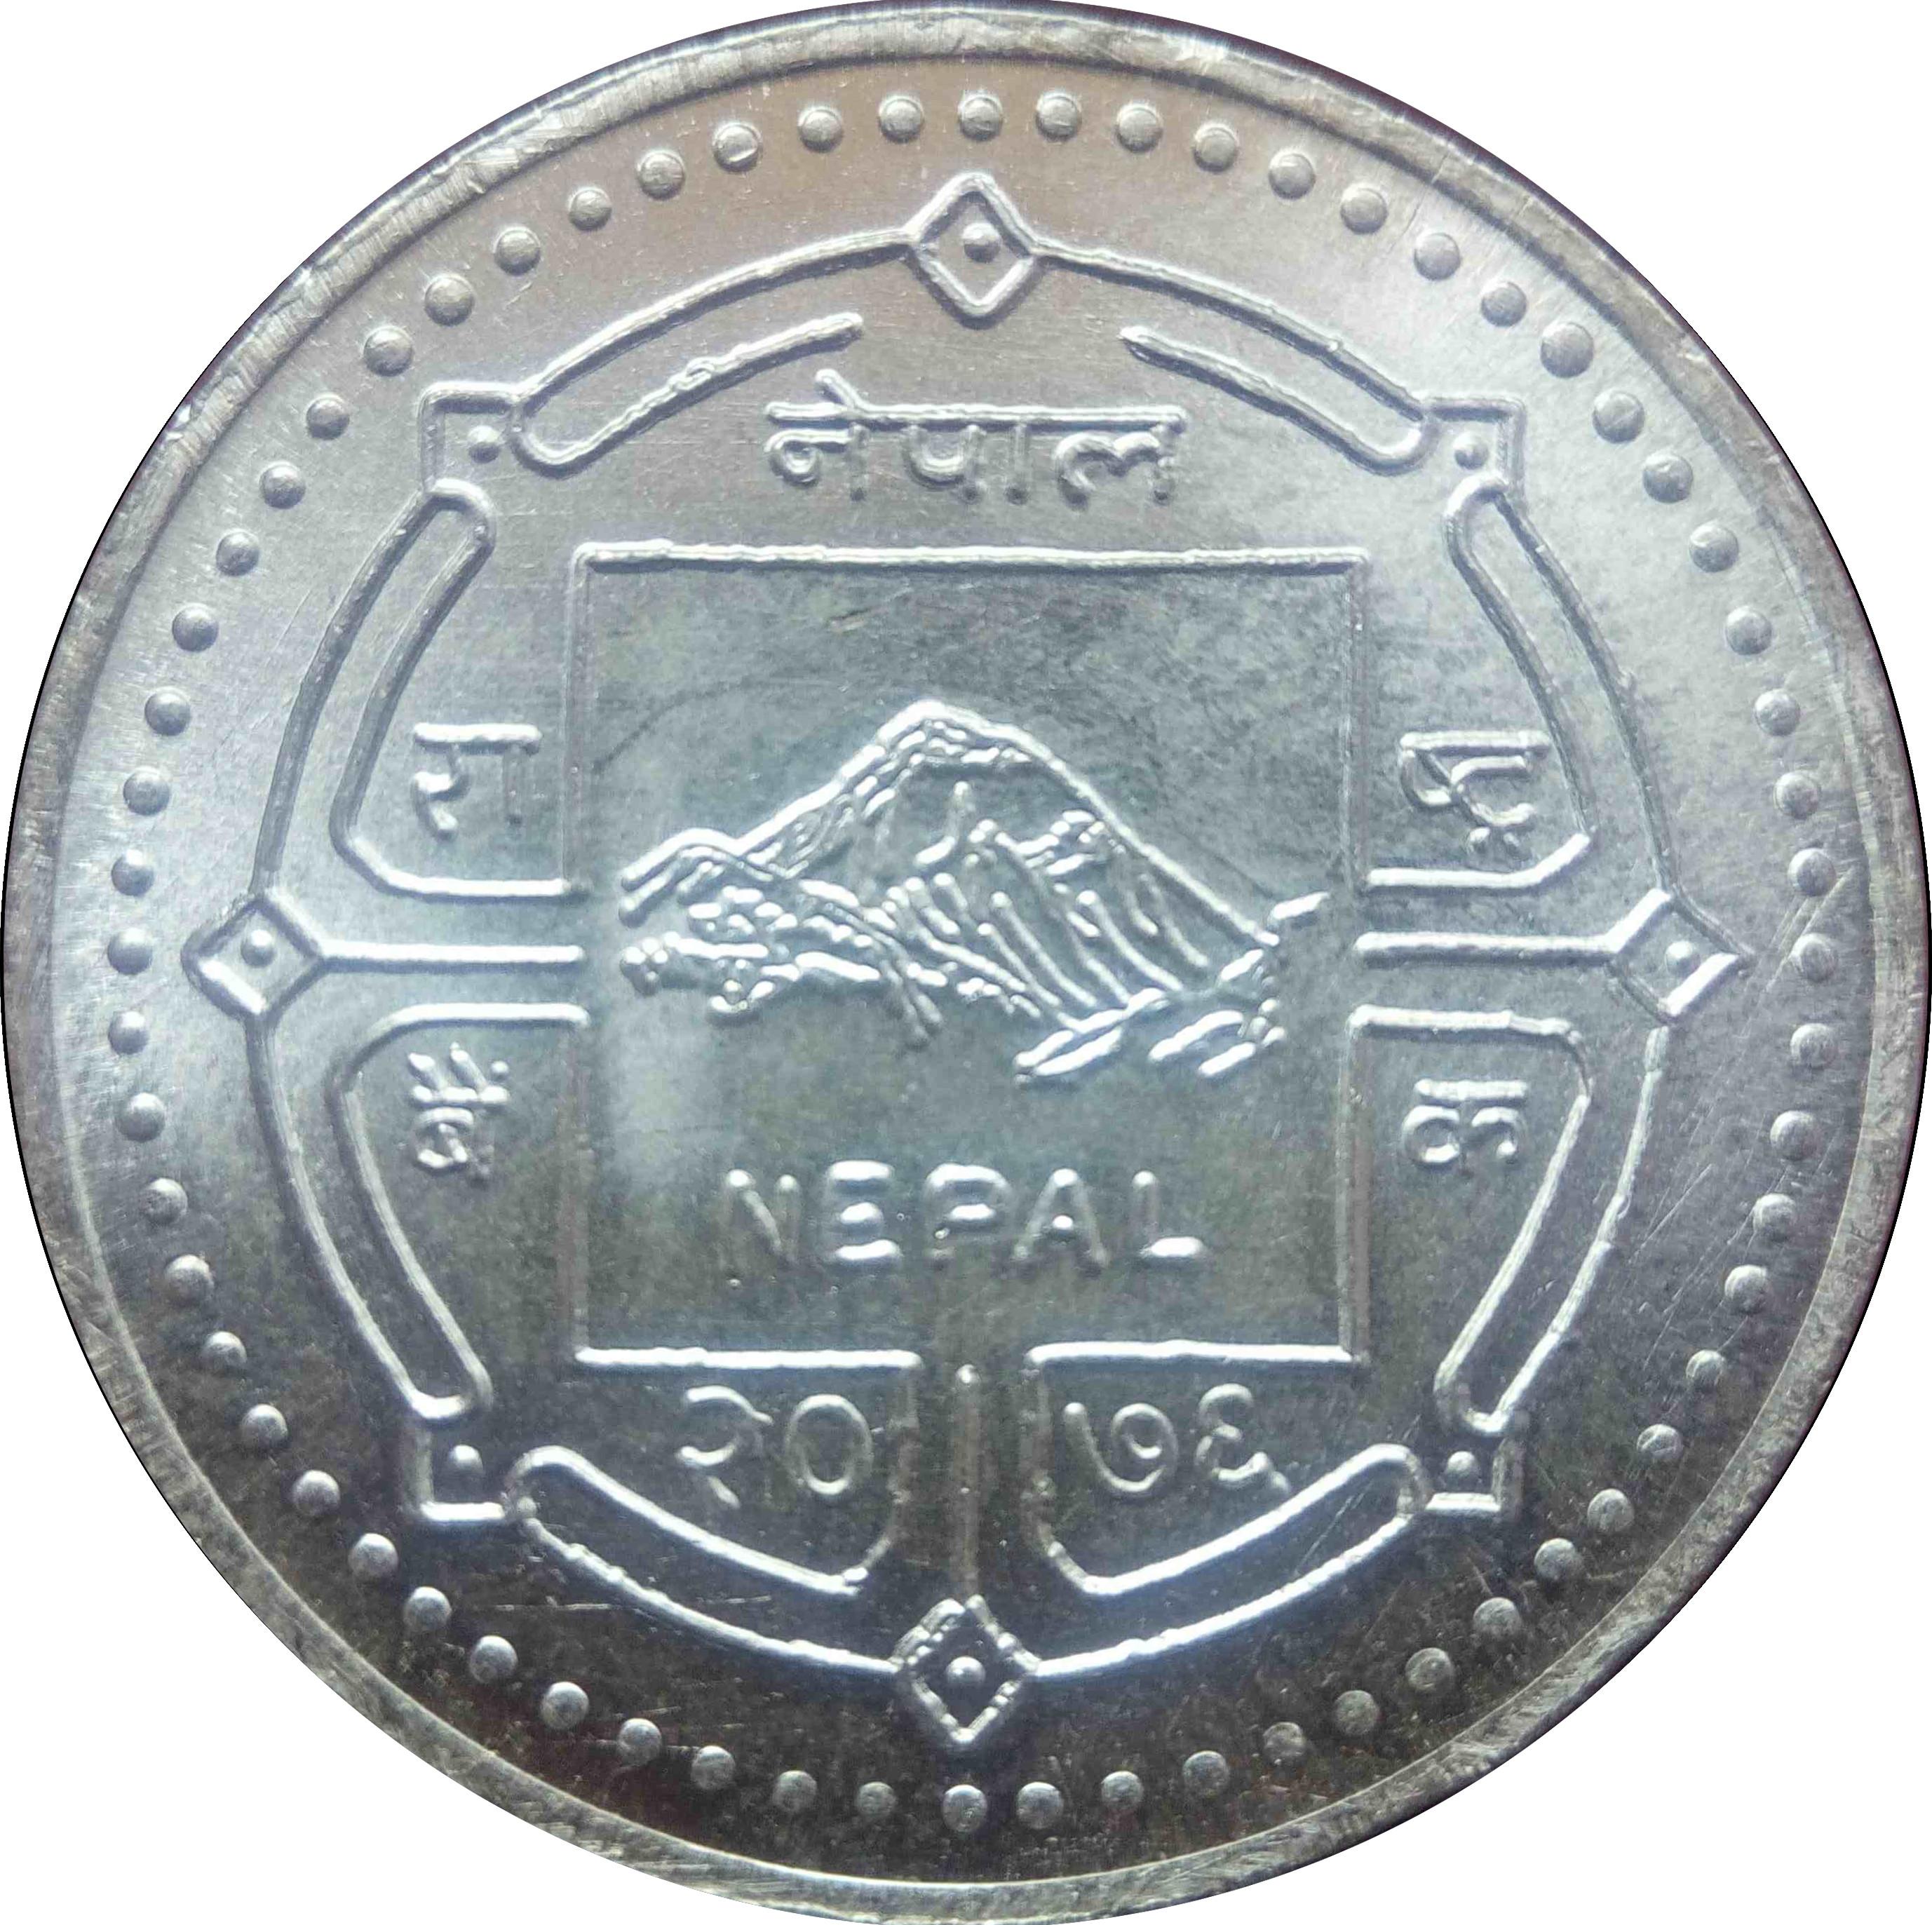 guru nanak 550 coin